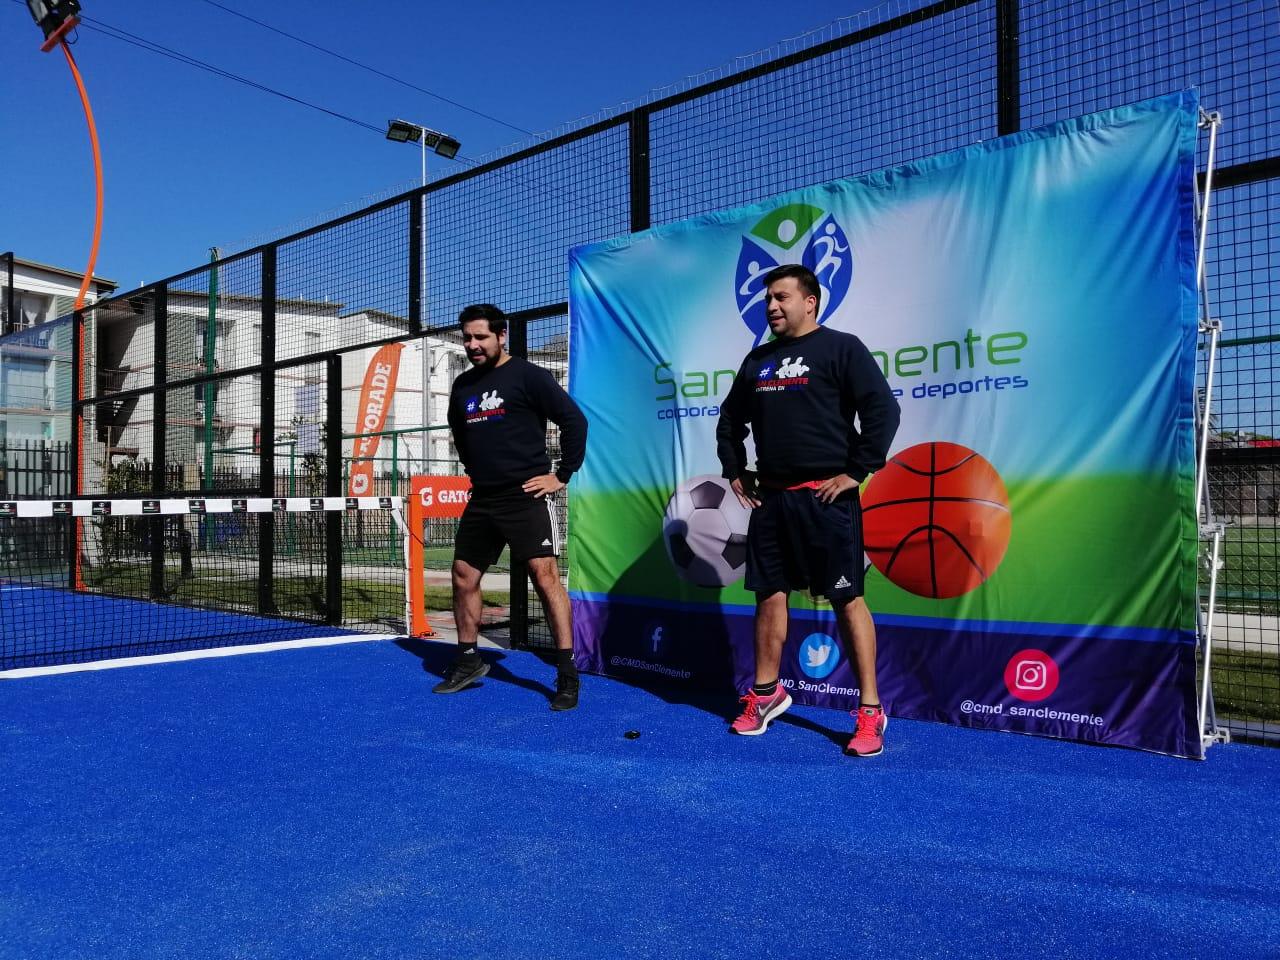 San Clemente celebra aniversario con iniciativas deportivas online